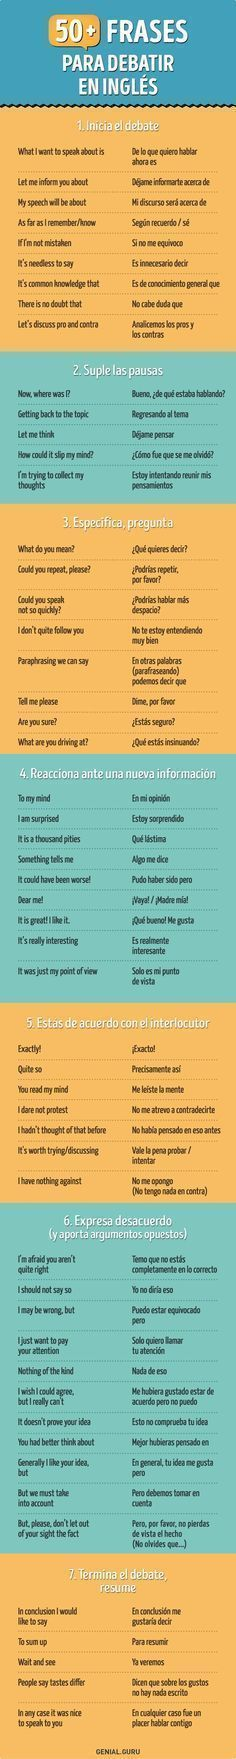 50+ Frases en inglés para que te luzcas en cualquier conversación #elearning